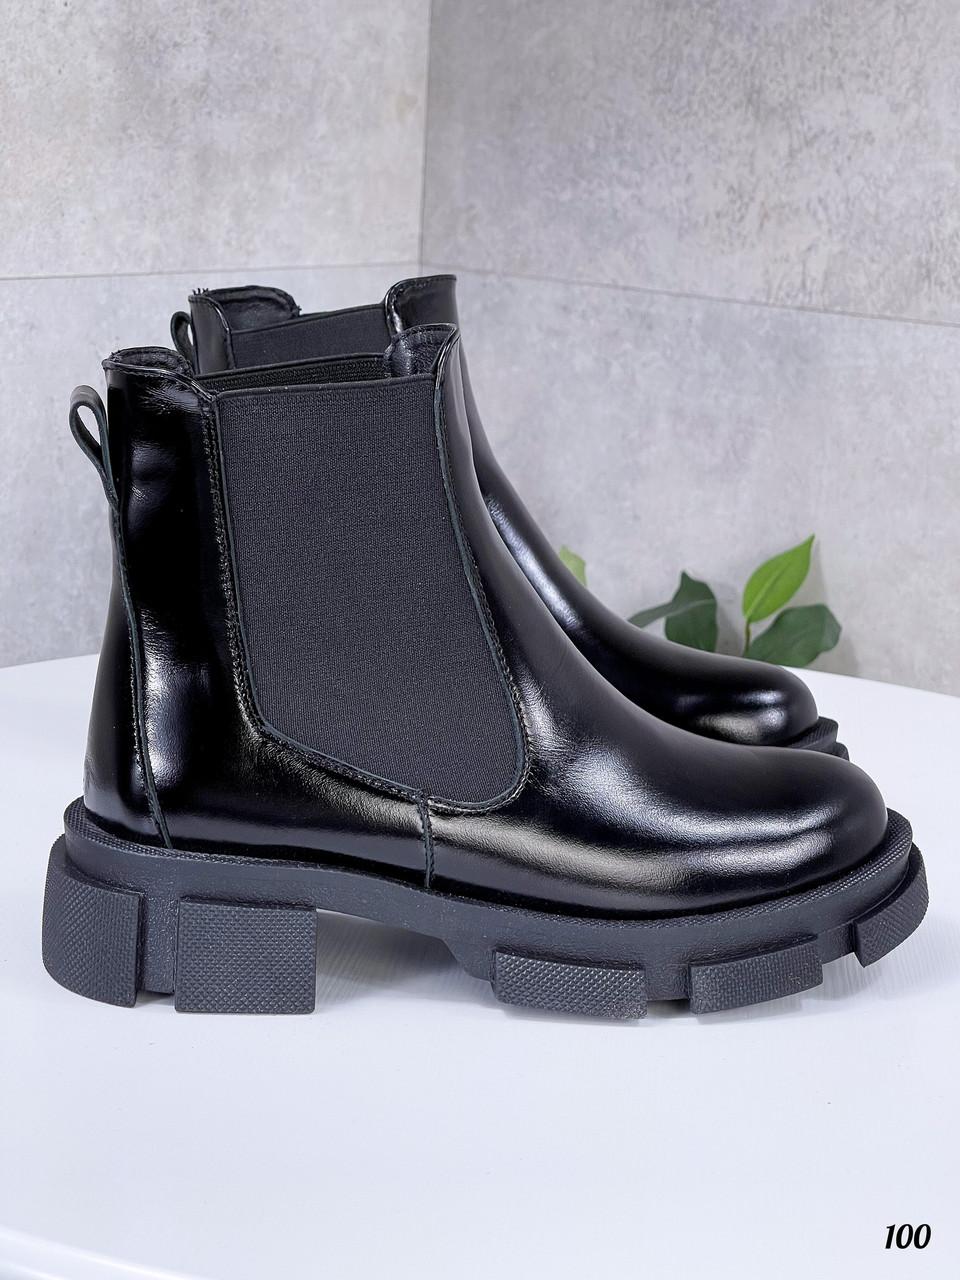 41 р. Ботинки женские деми черные лаковые на низком ходу низкий ход демисезонные из натурального лака